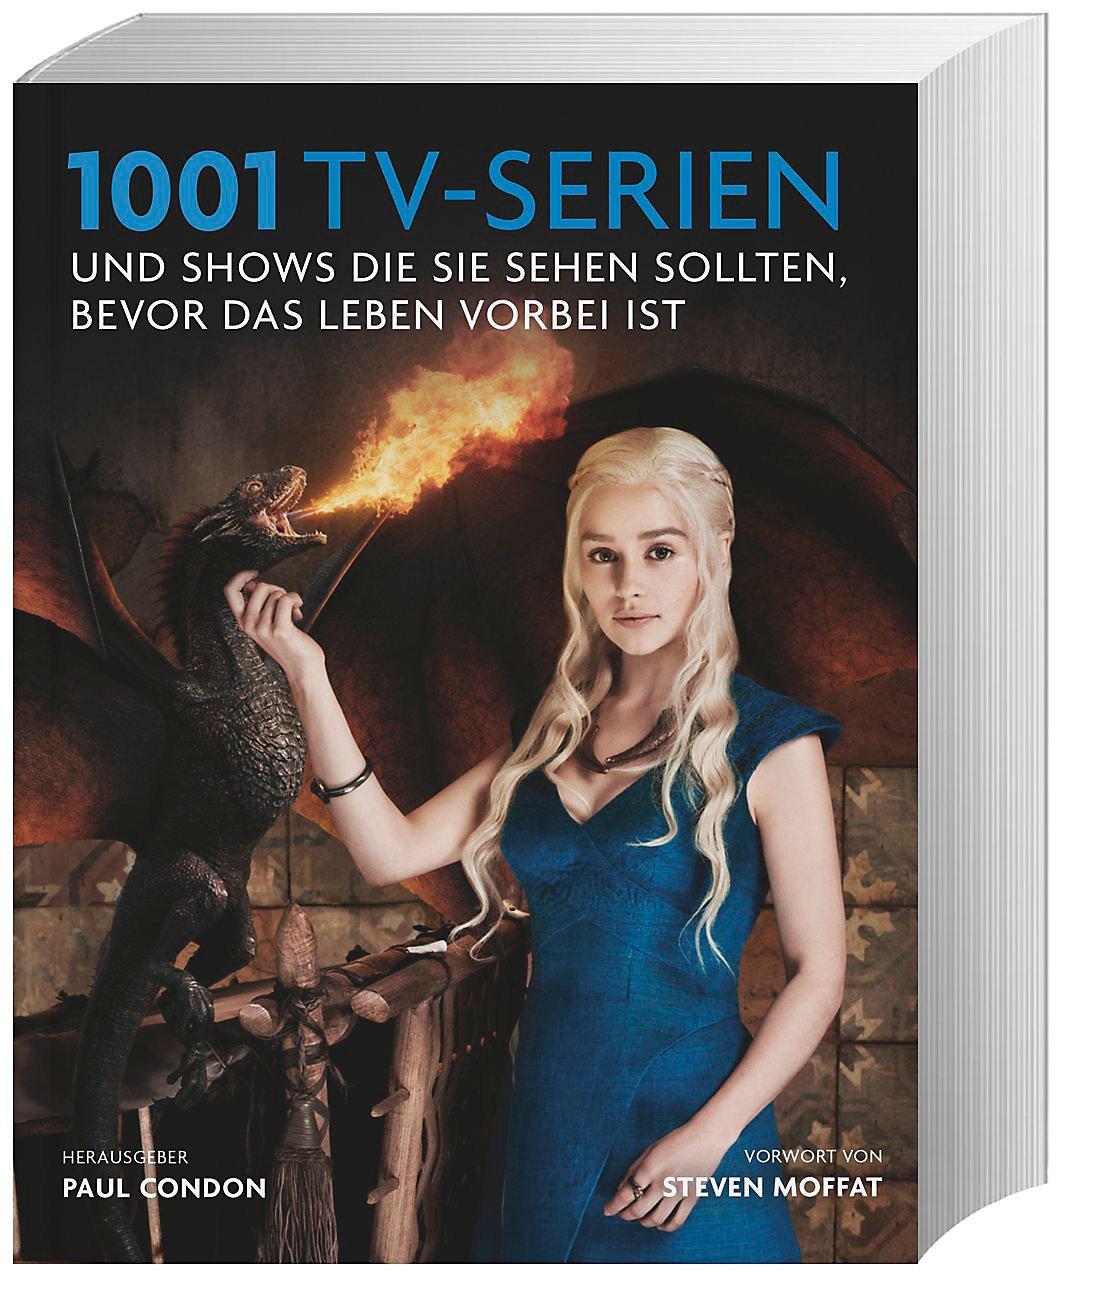 1001 Tv Serien Buch Jetzt Bei Weltbildde Online Bestellen